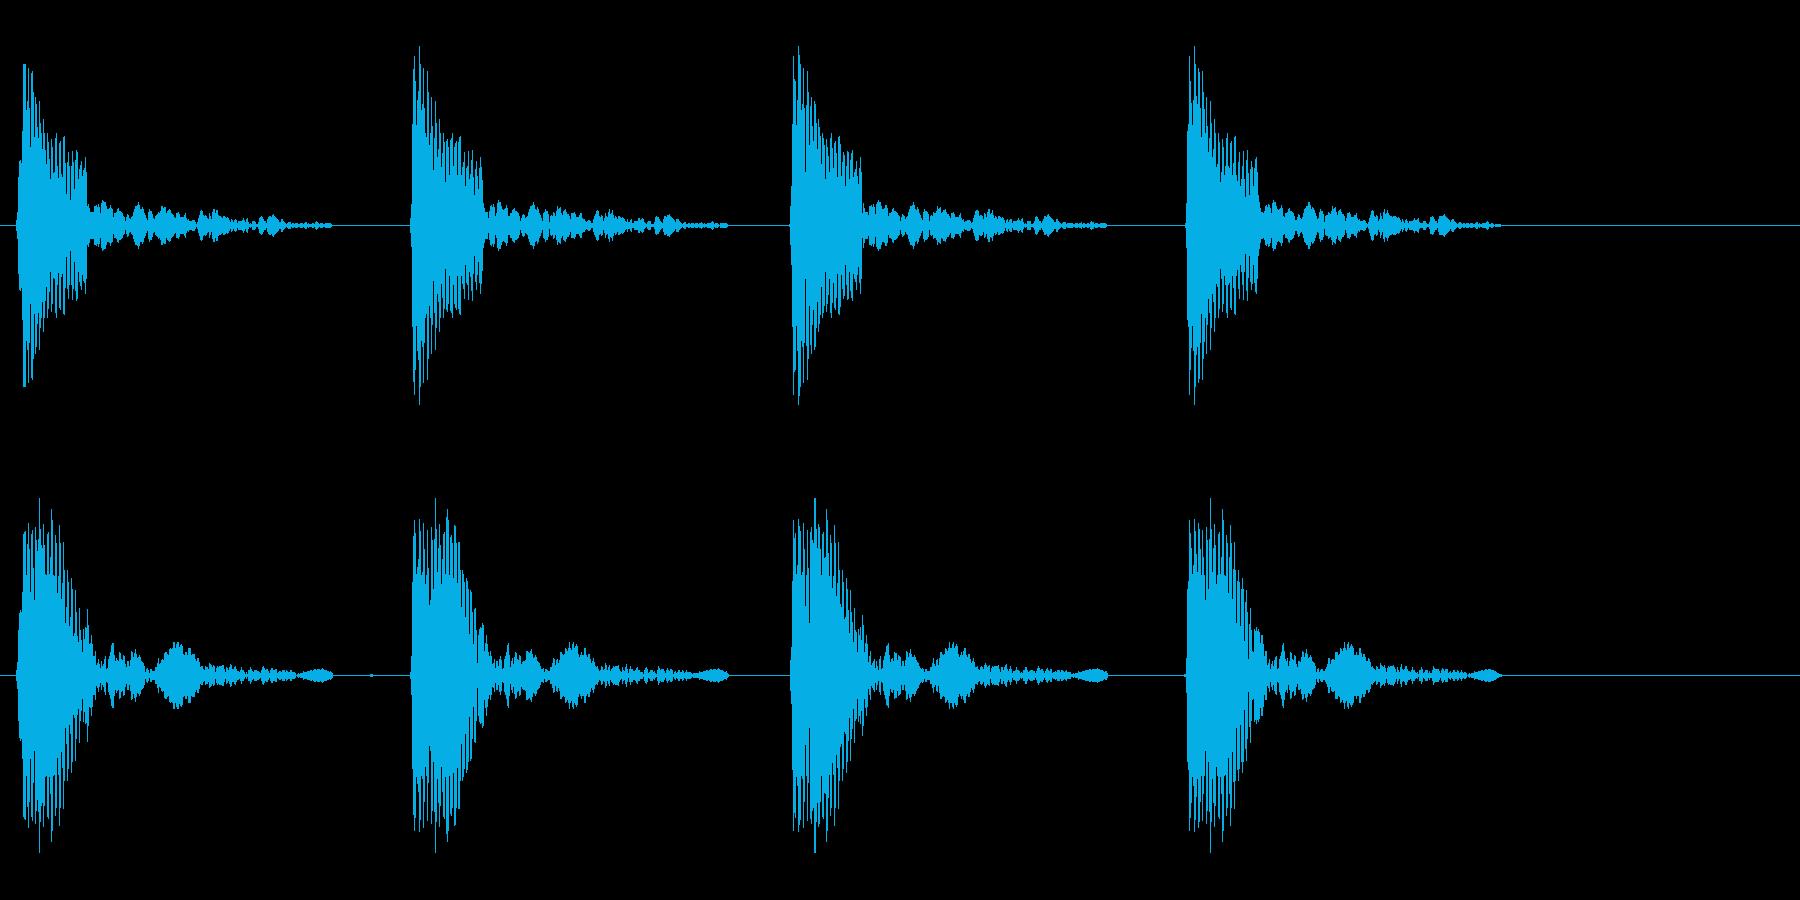 コッコッコッコッという鳴き声の再生済みの波形